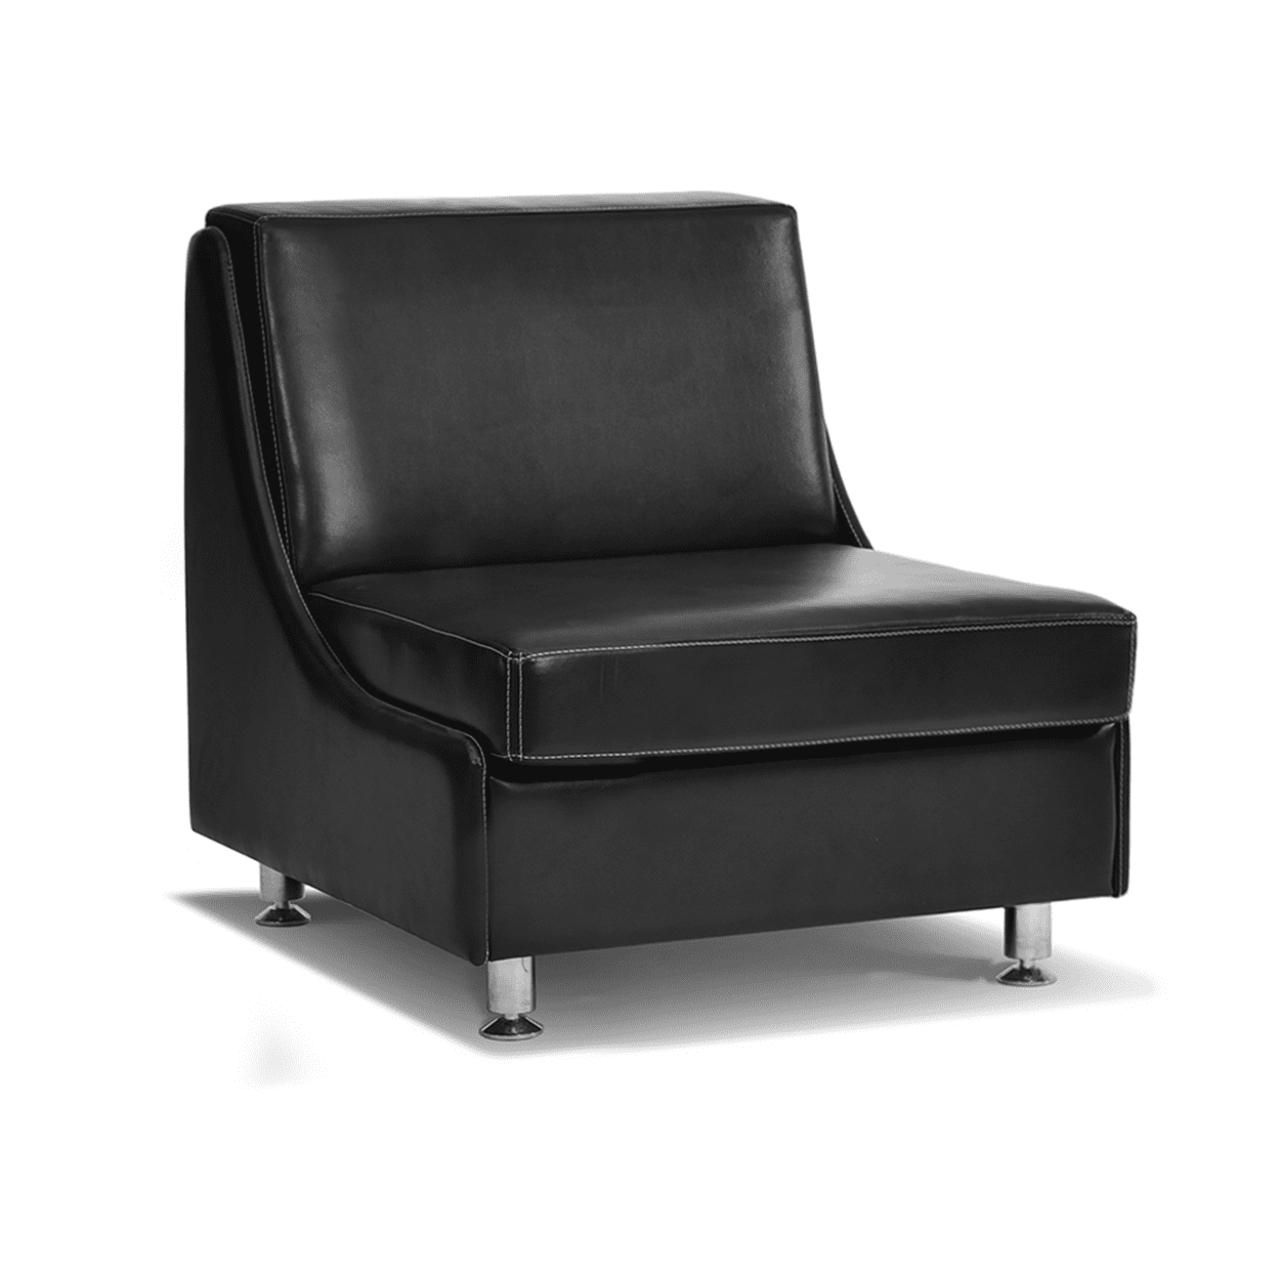 Мягкая офисная мебель Сонет - фото 2